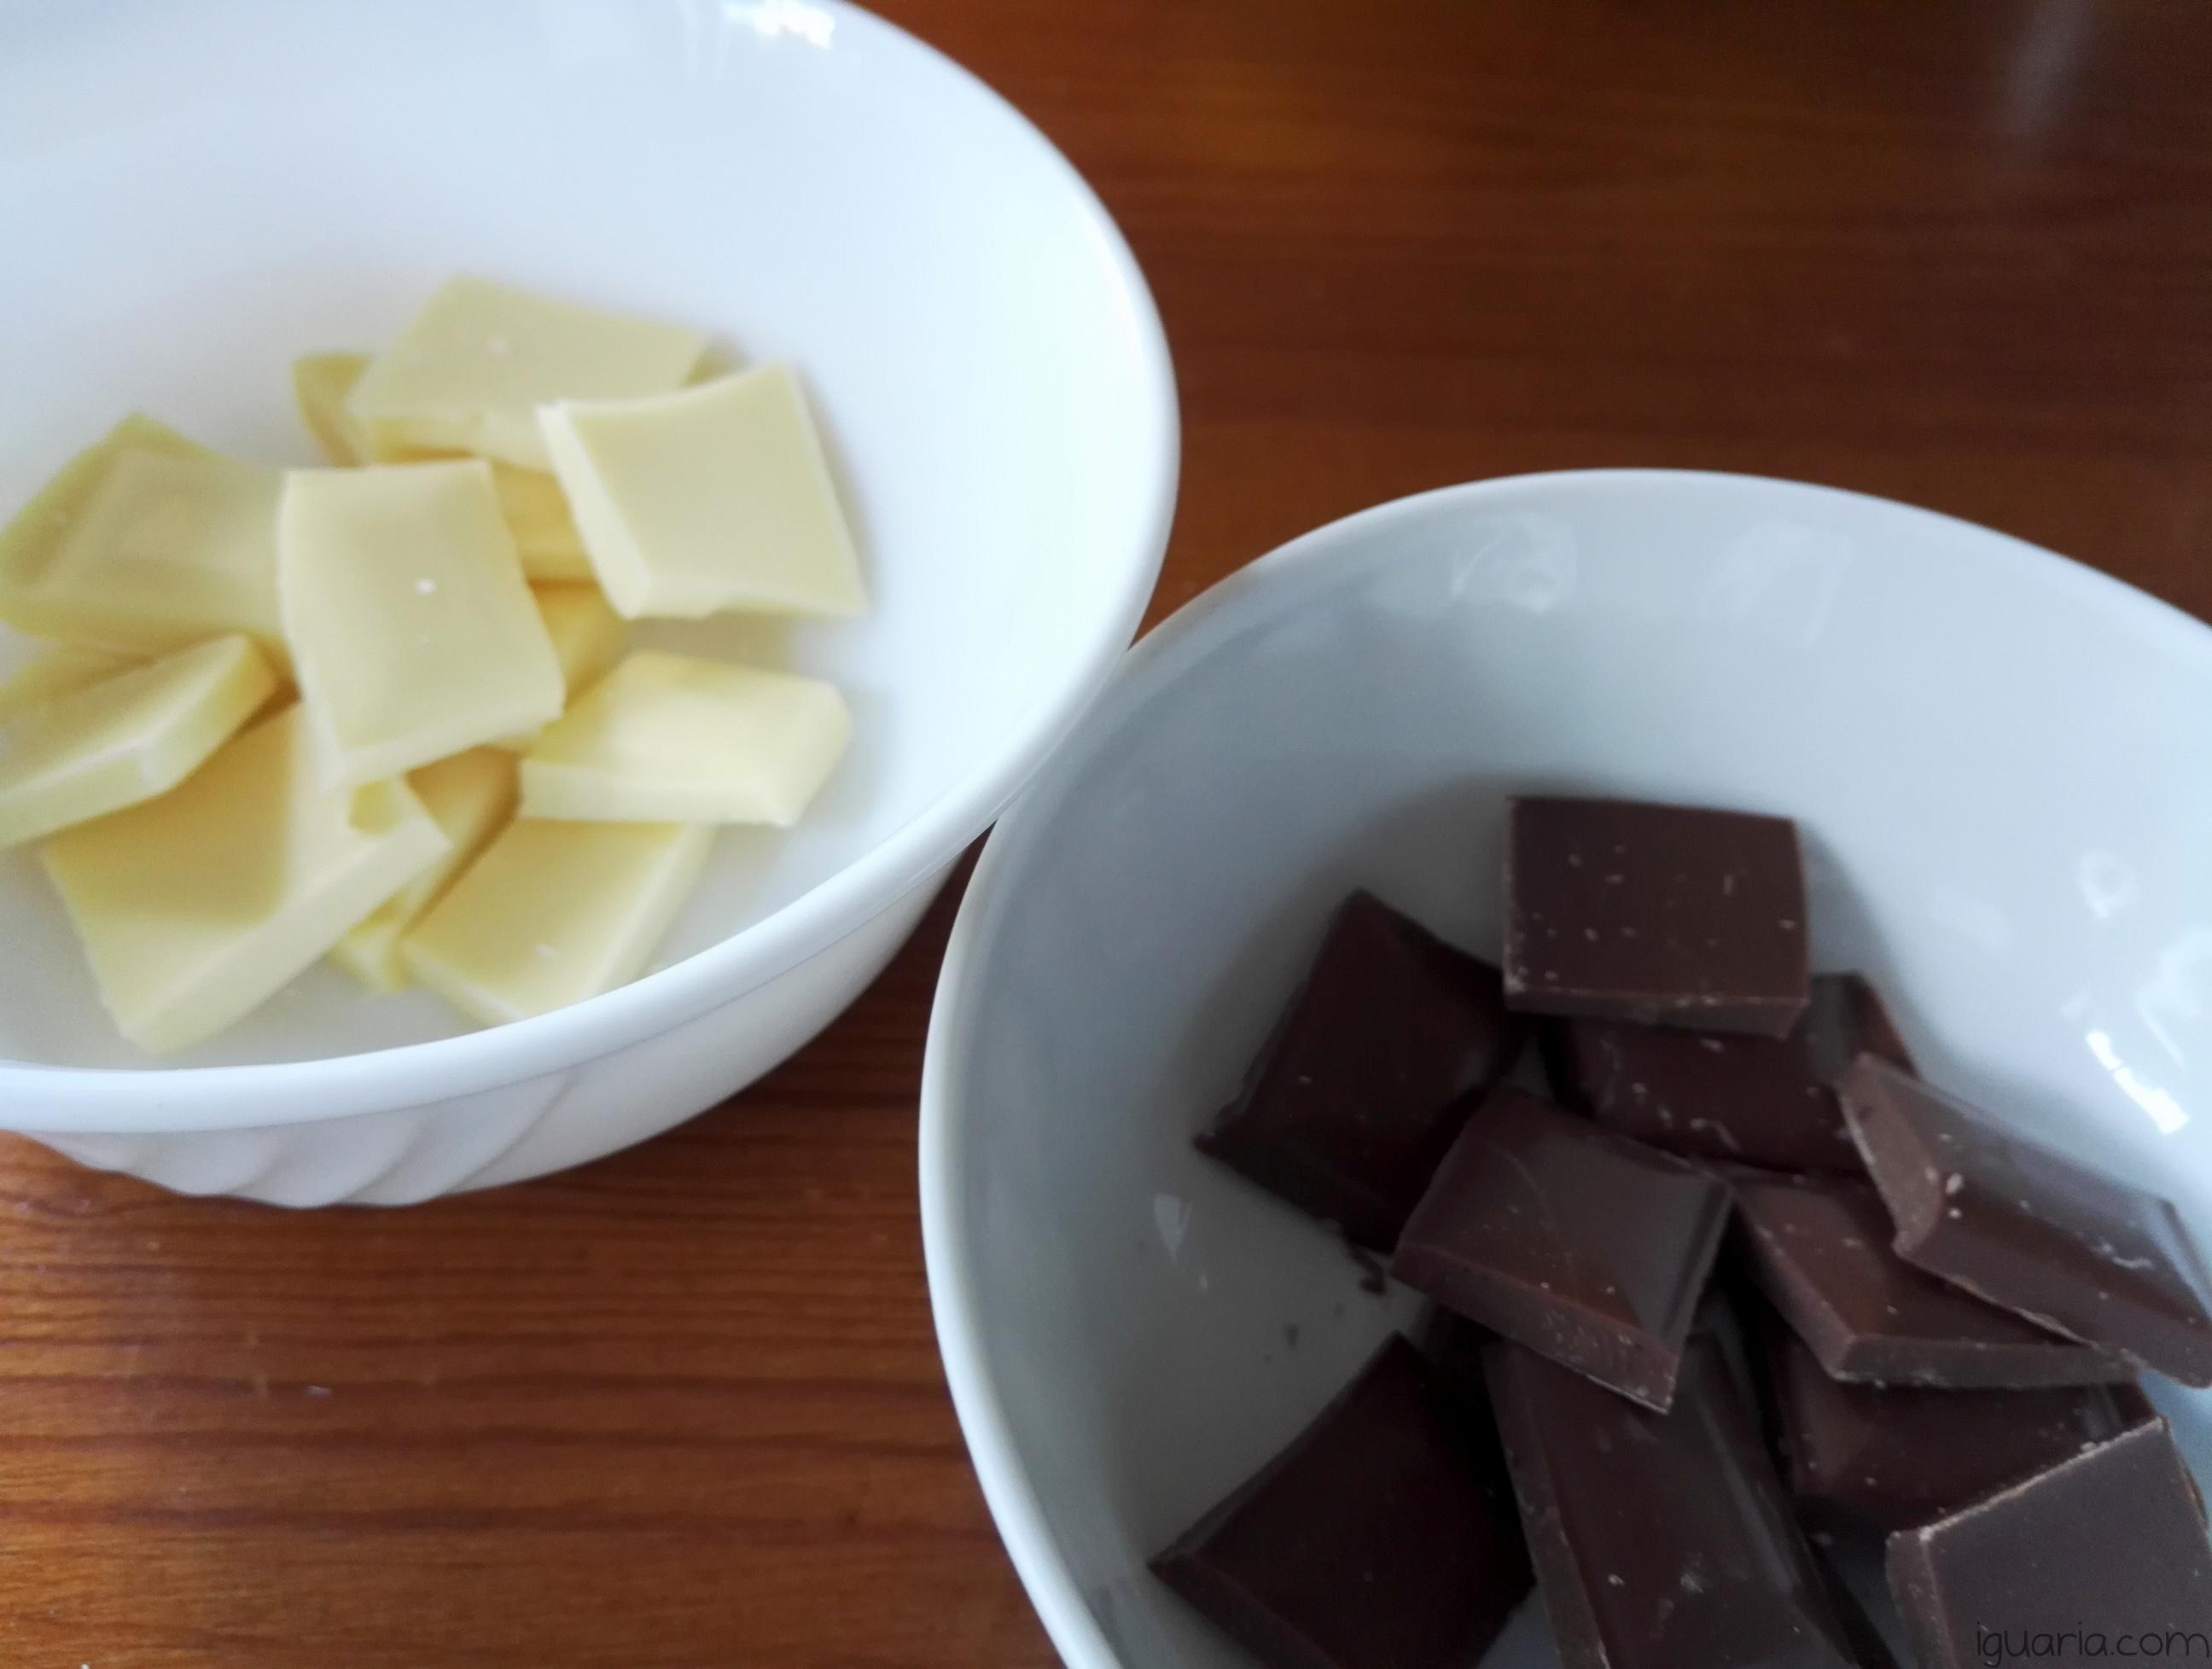 iguaria-chocolate-pronto-a-derreter